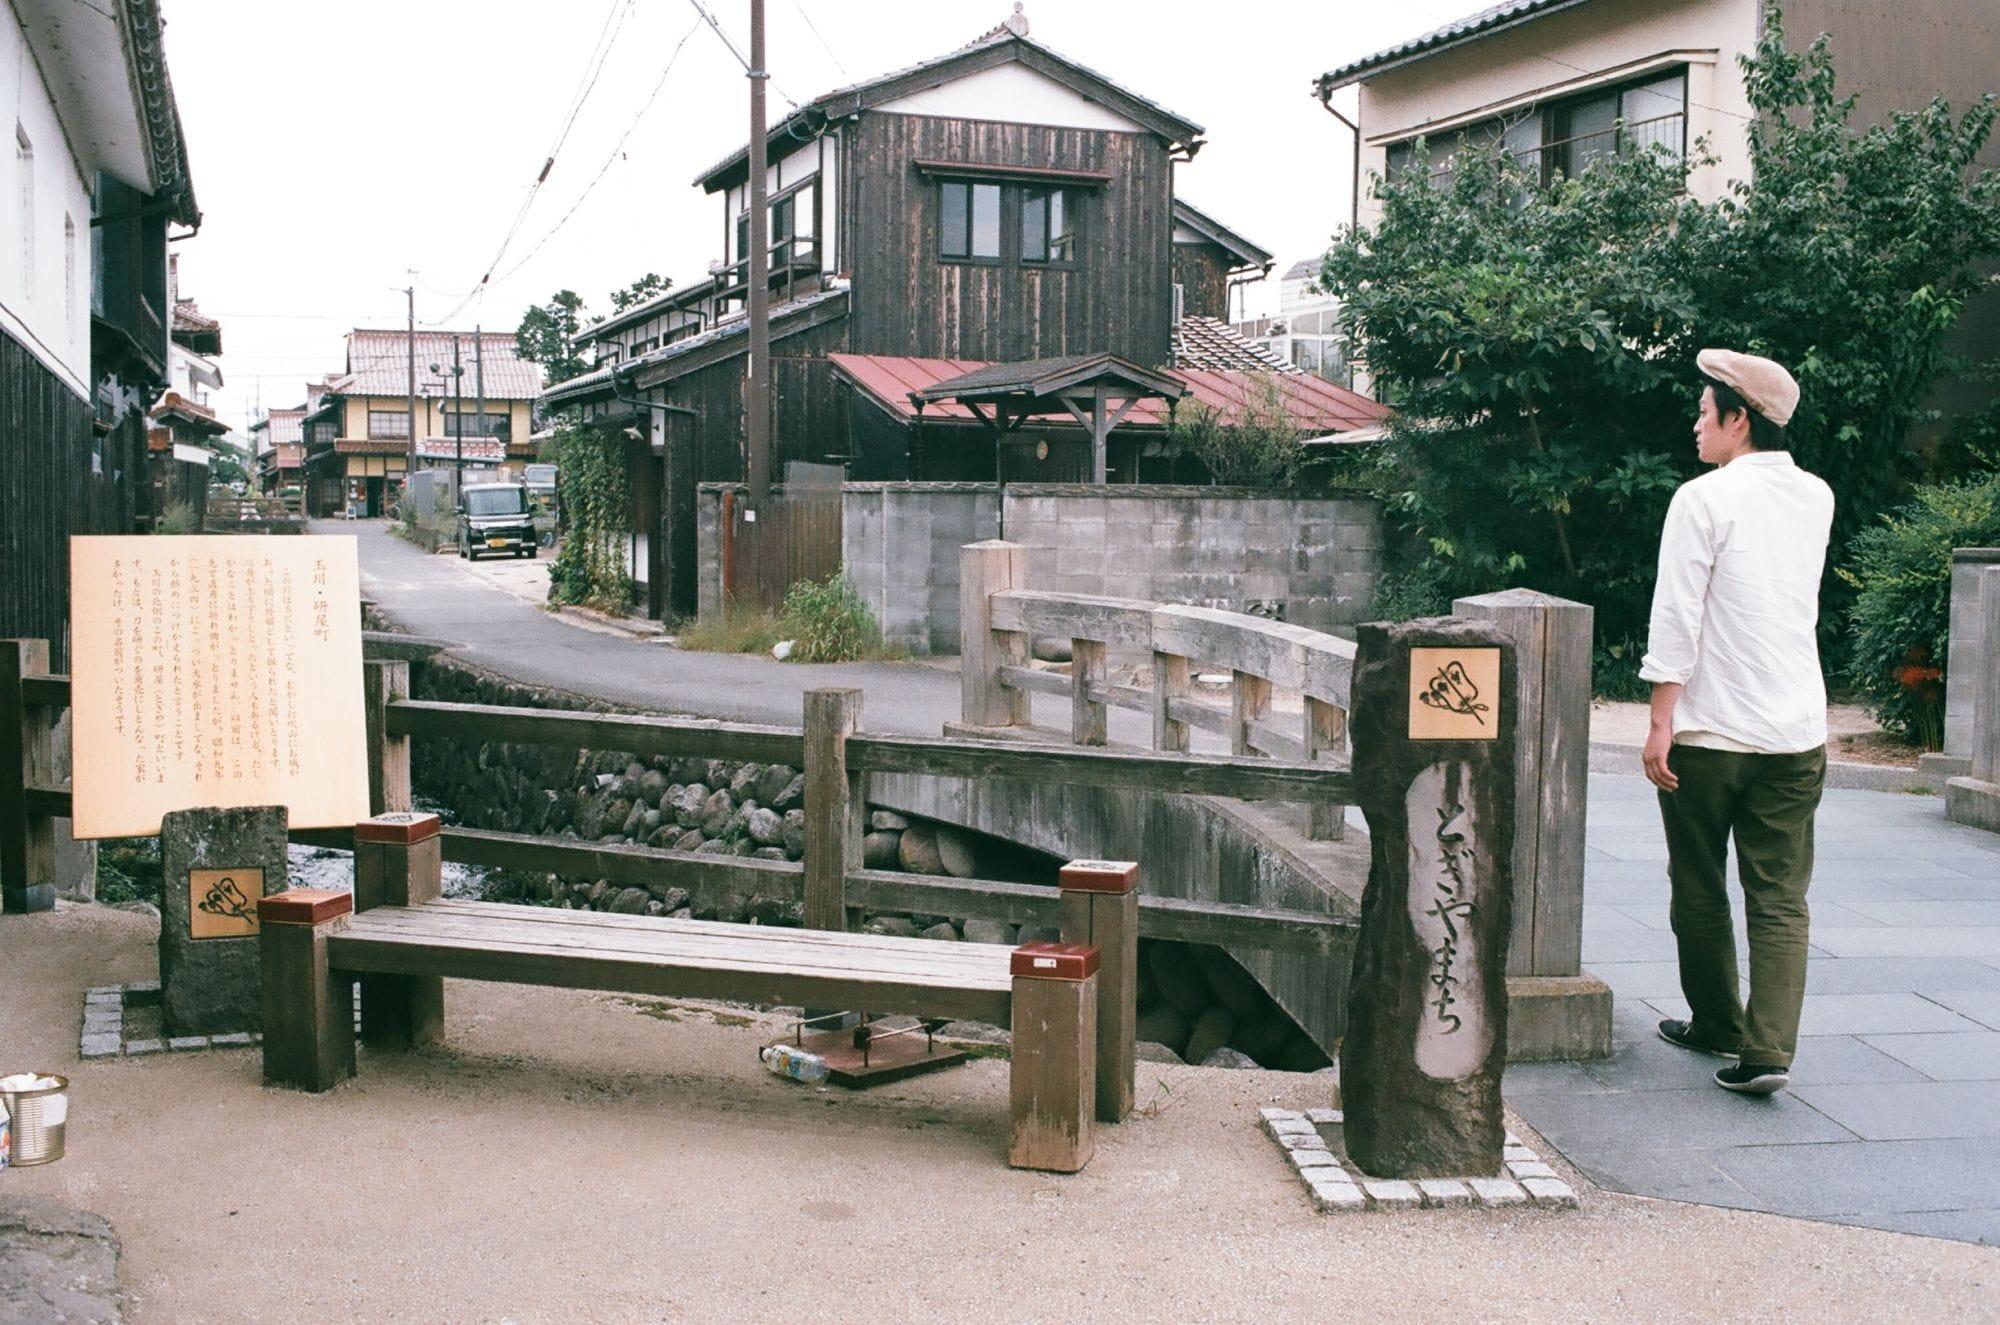 倉吉市の中心から一本路地裏へ。小川がせせらぎ、ゆったりとした時間が流れる。